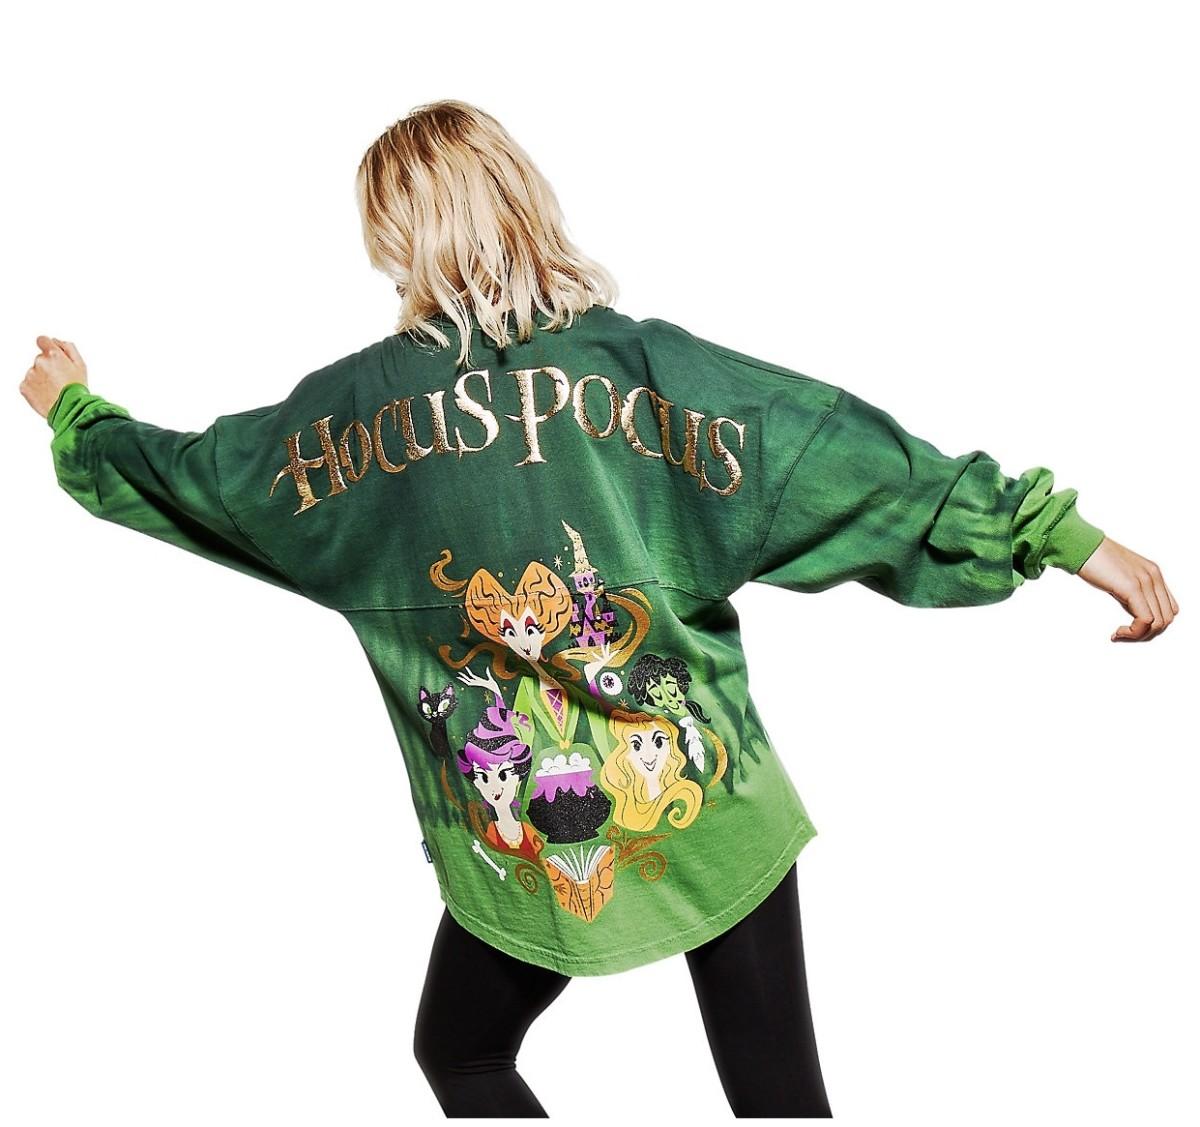 NEW Hocus Pocus Merchandise on shopDisney! 8